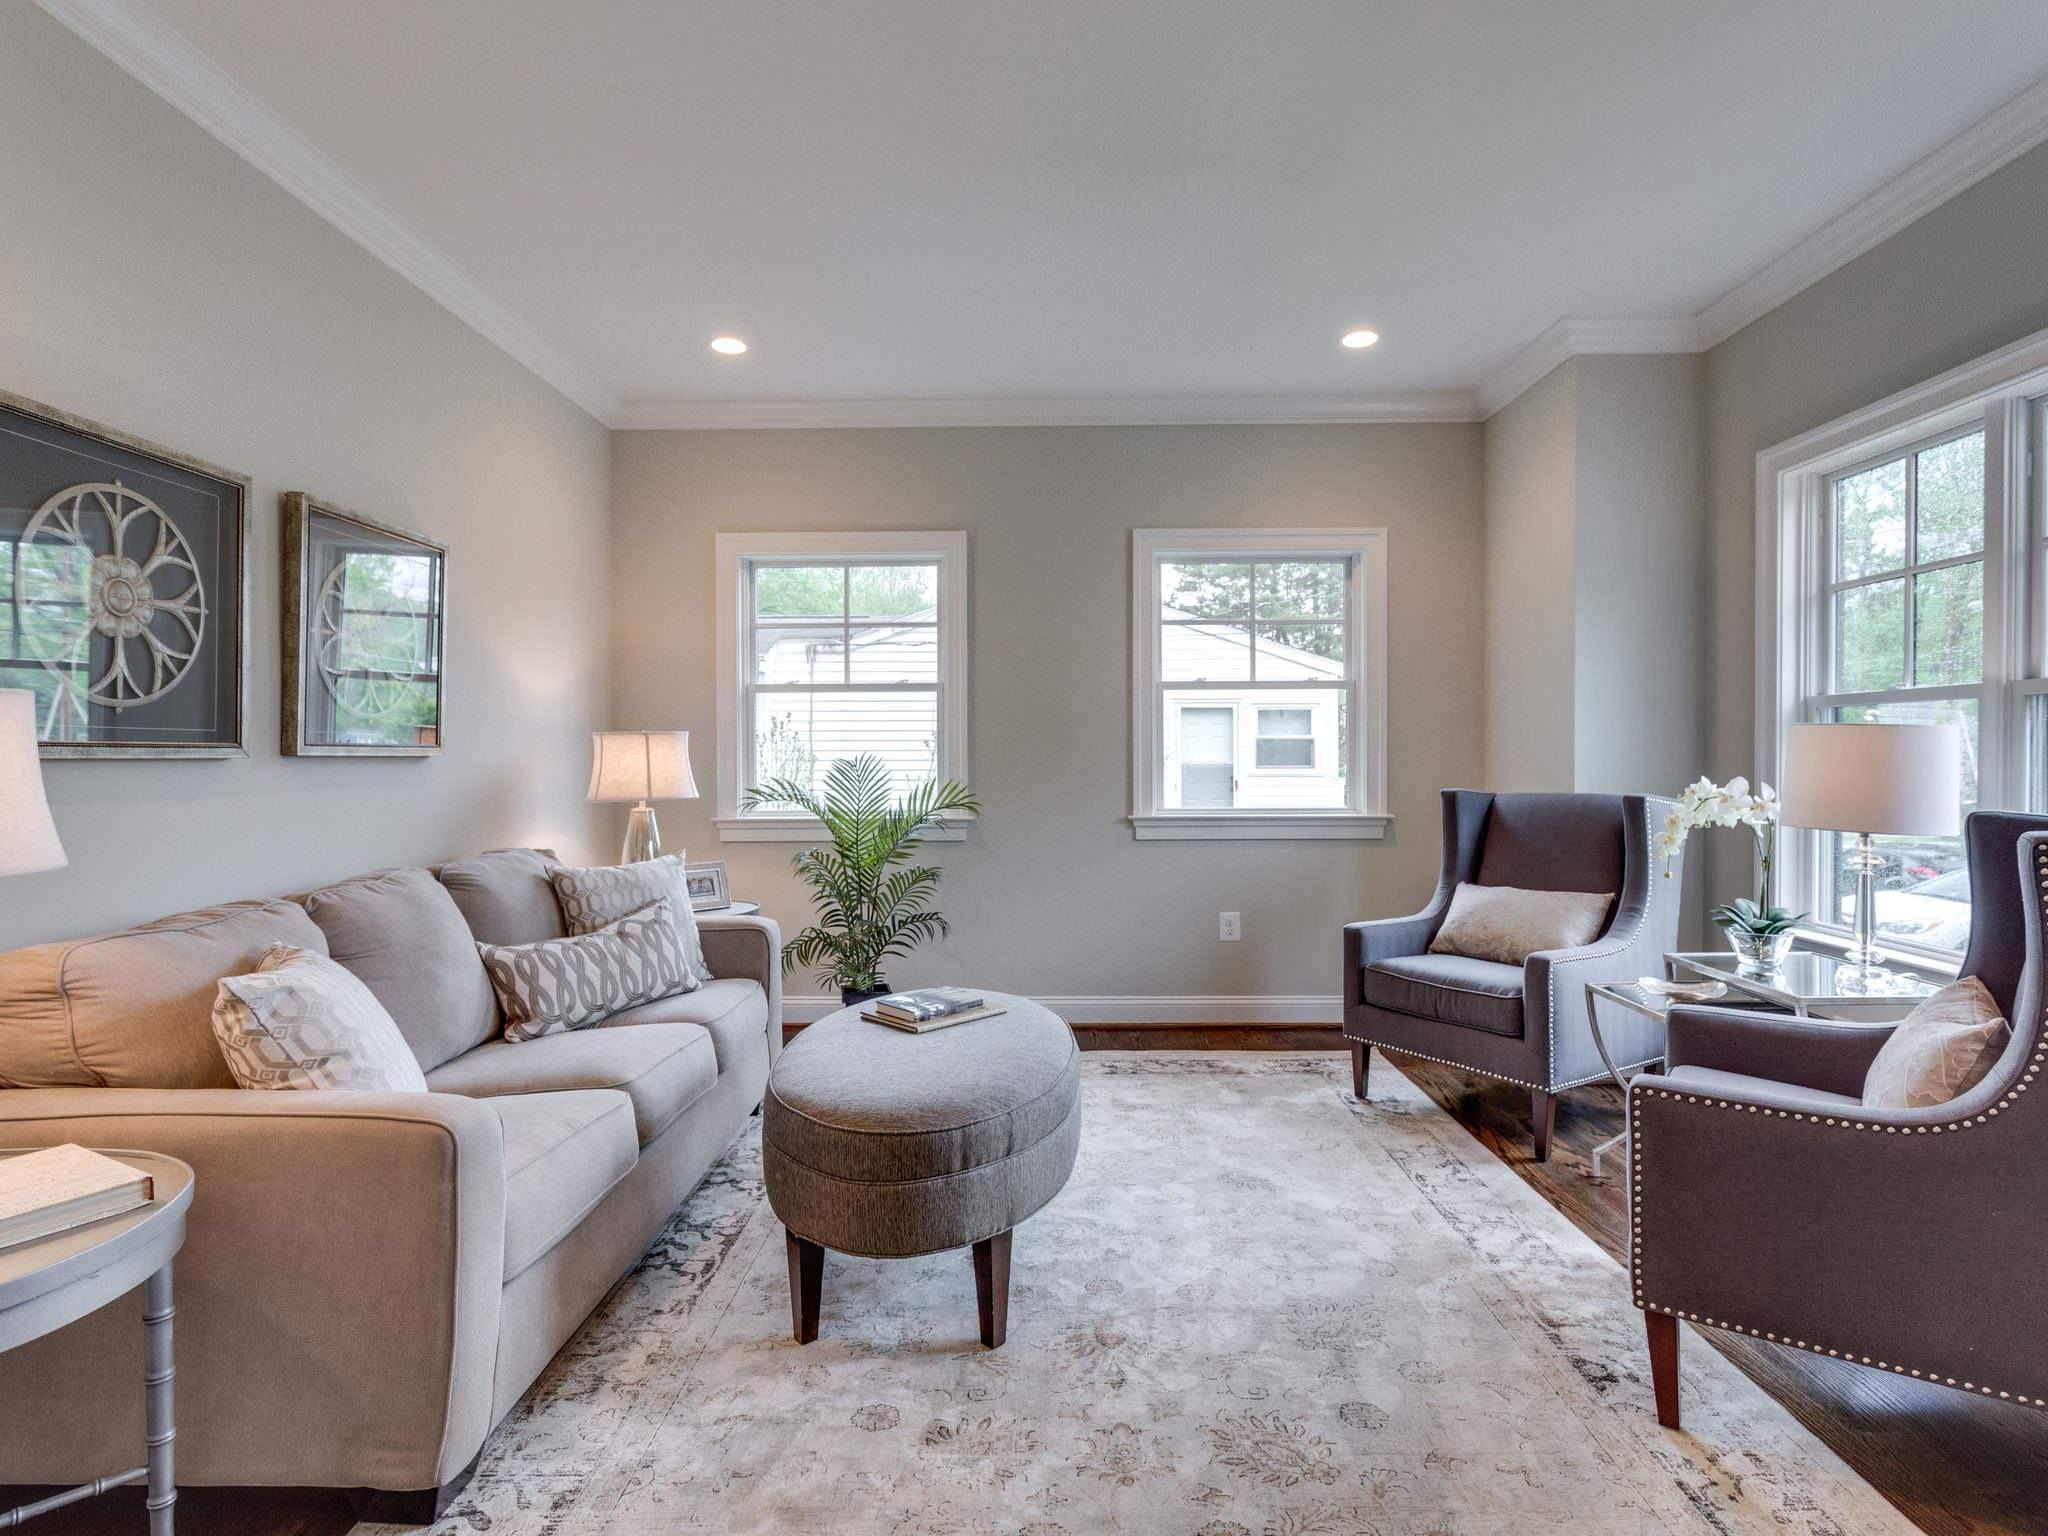 Die graue Wandfarbe Wohnzimmer garantiert eine edle und moderne Atmosphäre